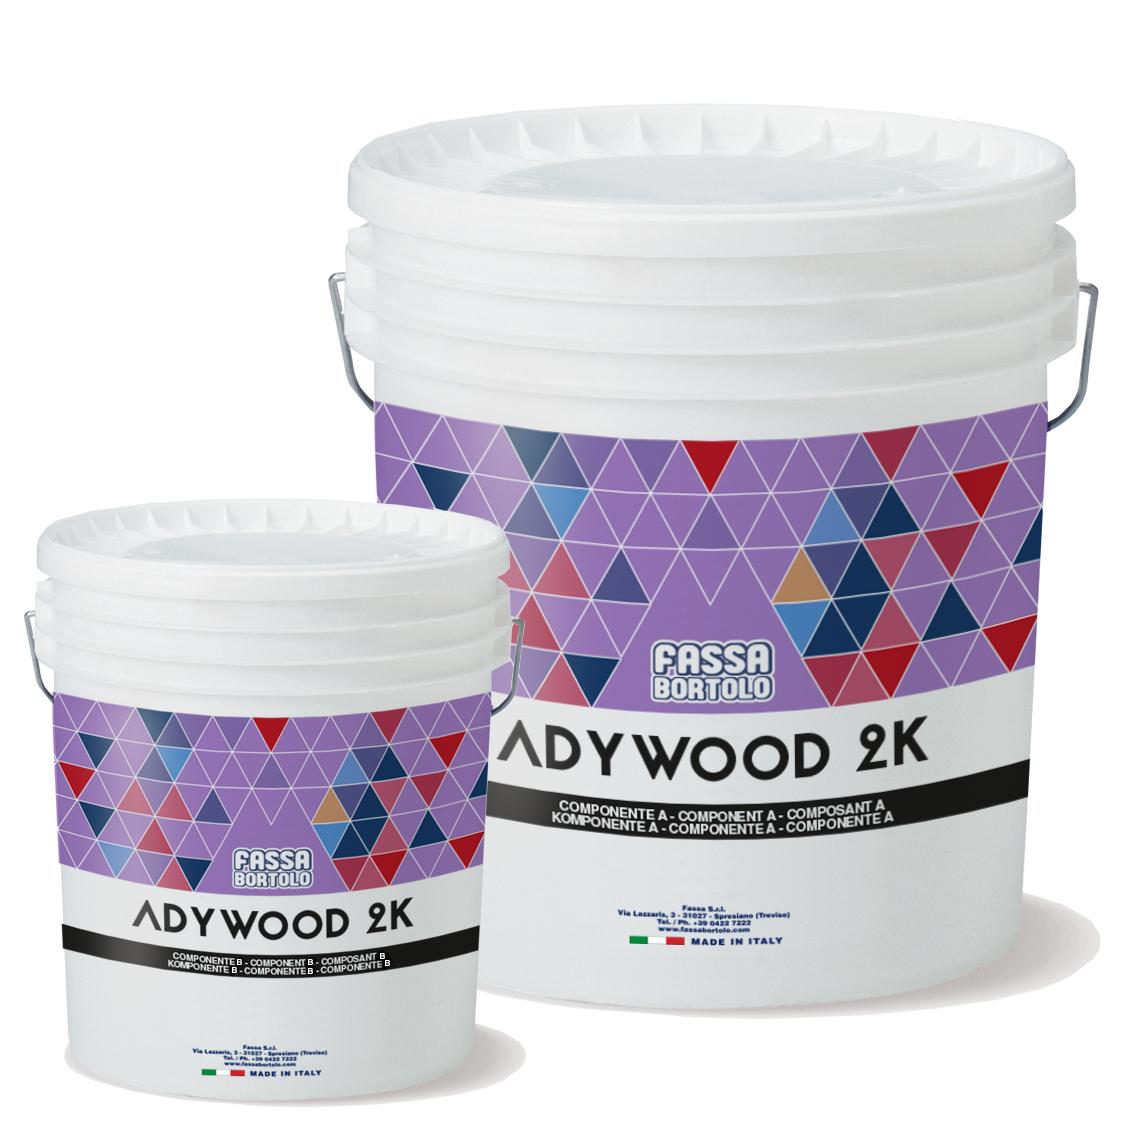 ADYWOOD 2K: Cola bicomponente epóxi-poliuretano para a colagem de pavimentos de madeira